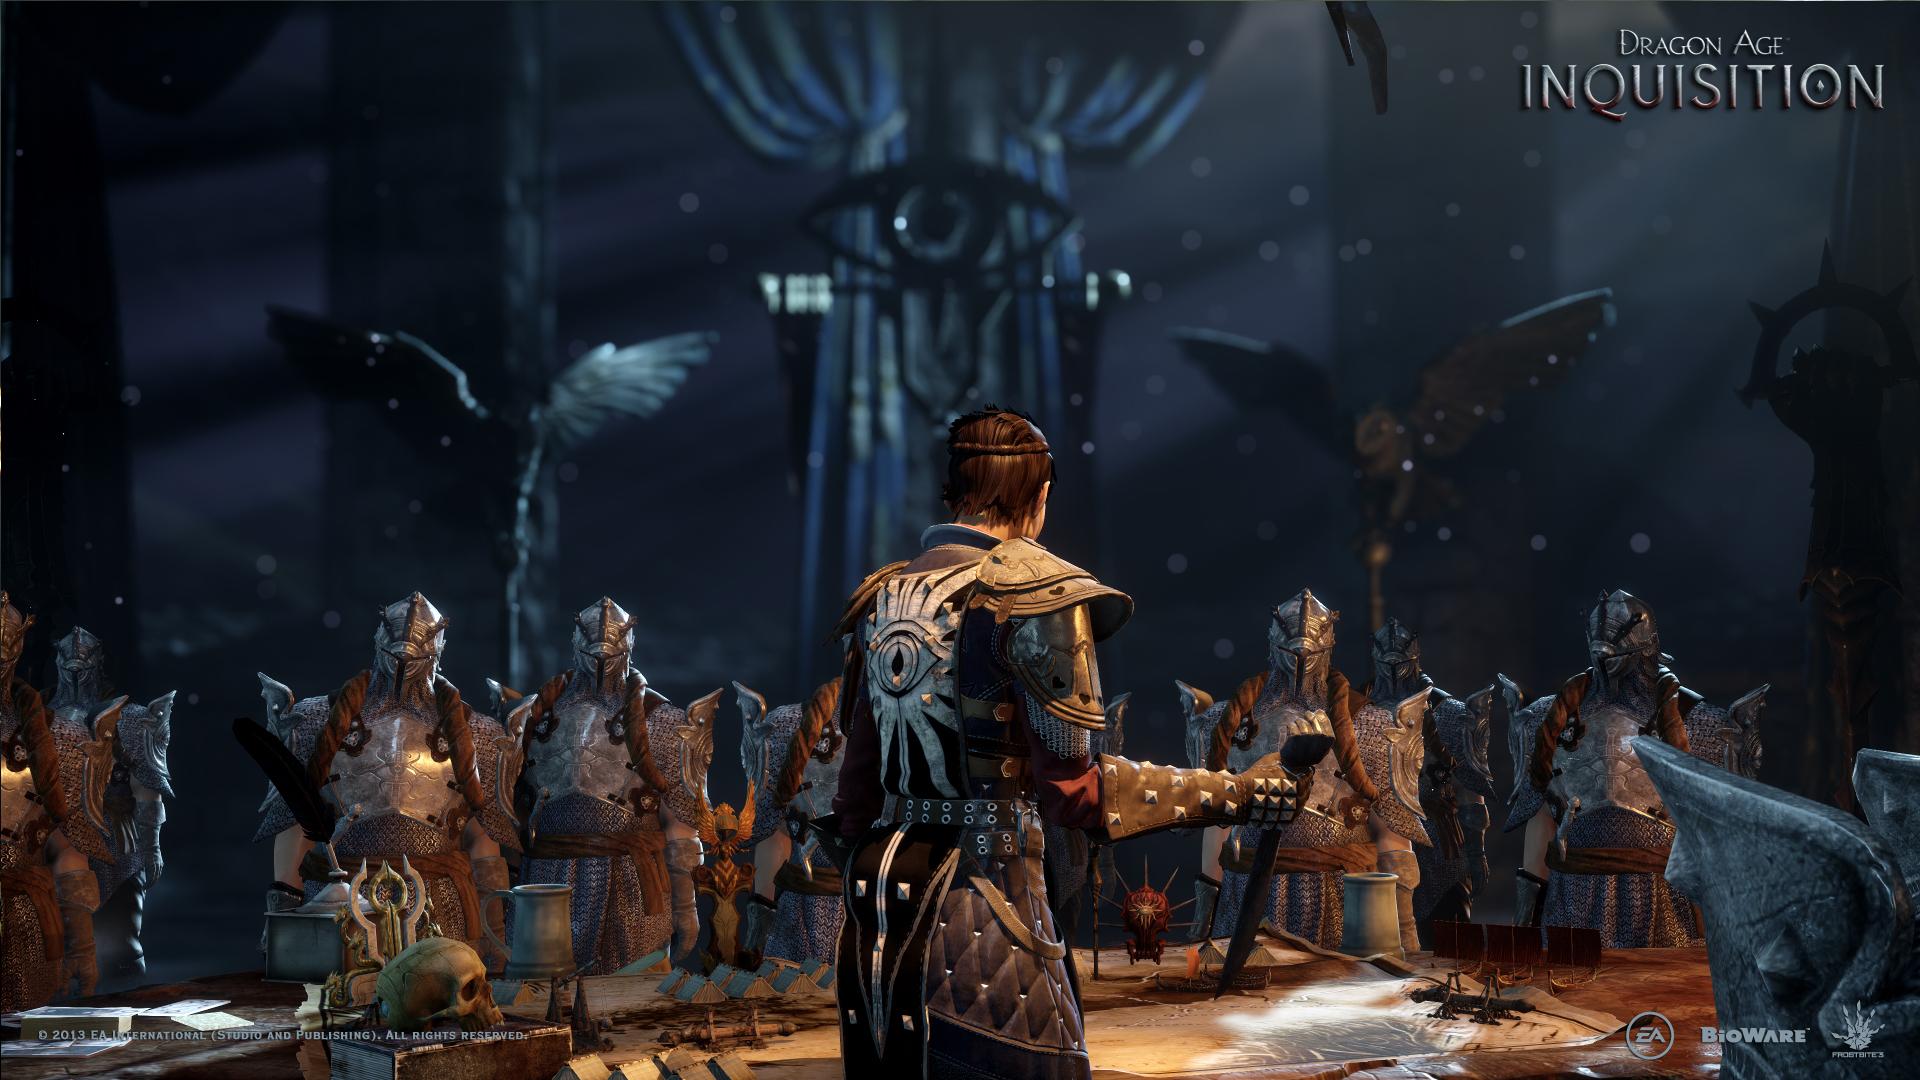 Dragon Age: Inquisition tendrá un modo para capturar, gestionar y defender fortalezas